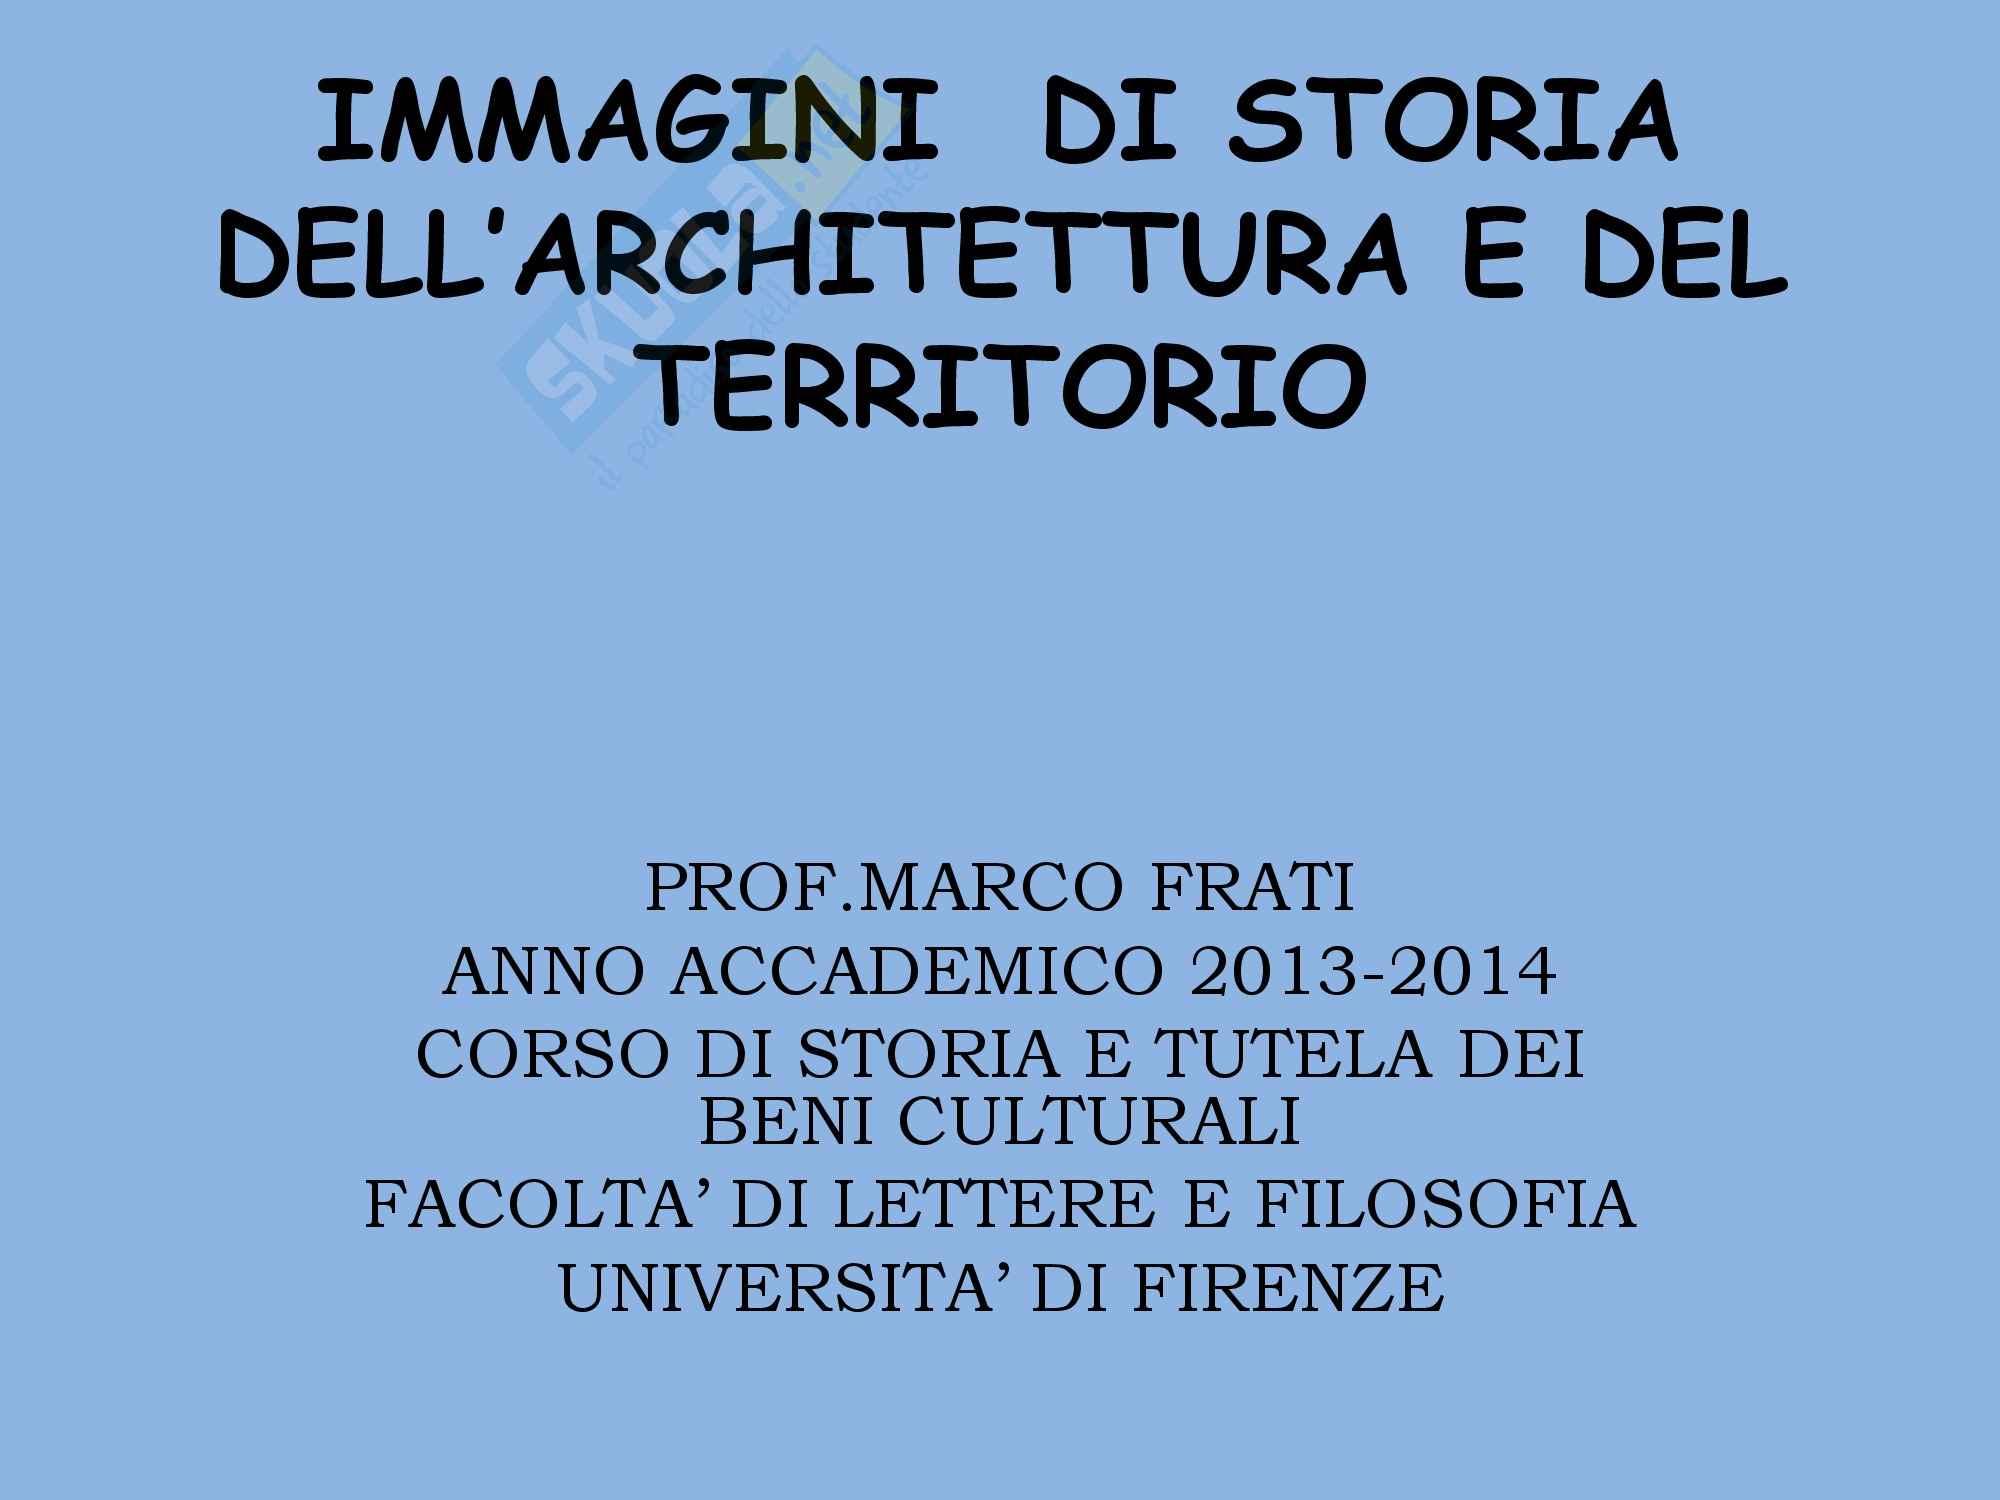 Immagini, Storia dell'architettura